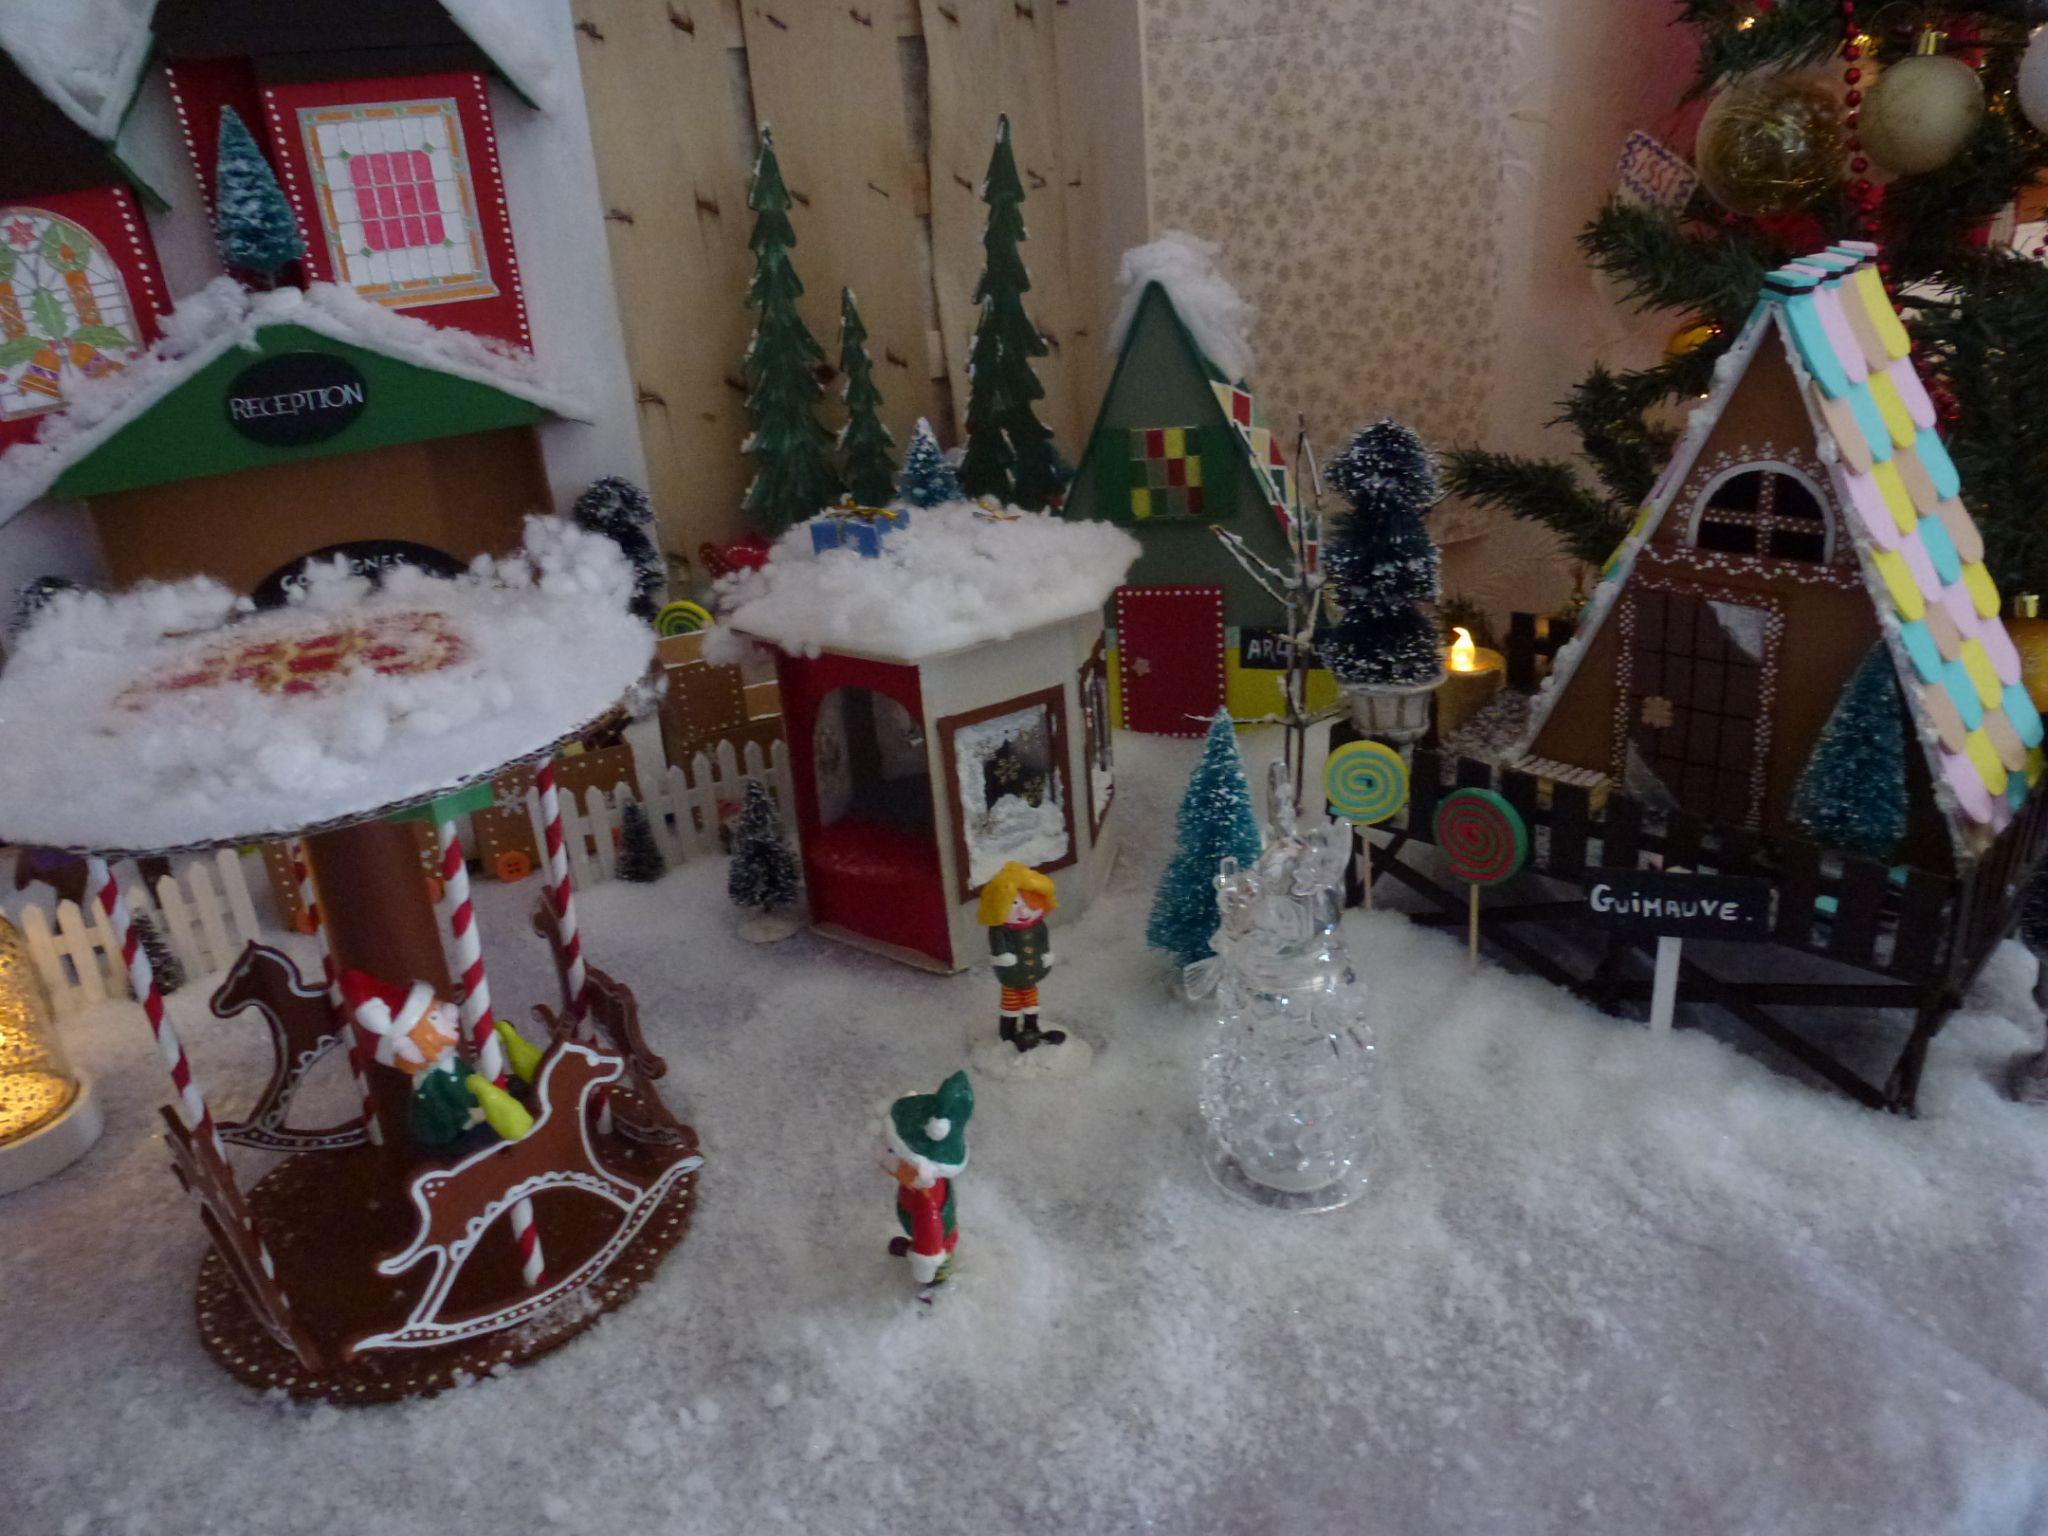 LE VILLAGE DES LUTINS DE SISSI - Album photos - La féerie de Noël #lutindenoel